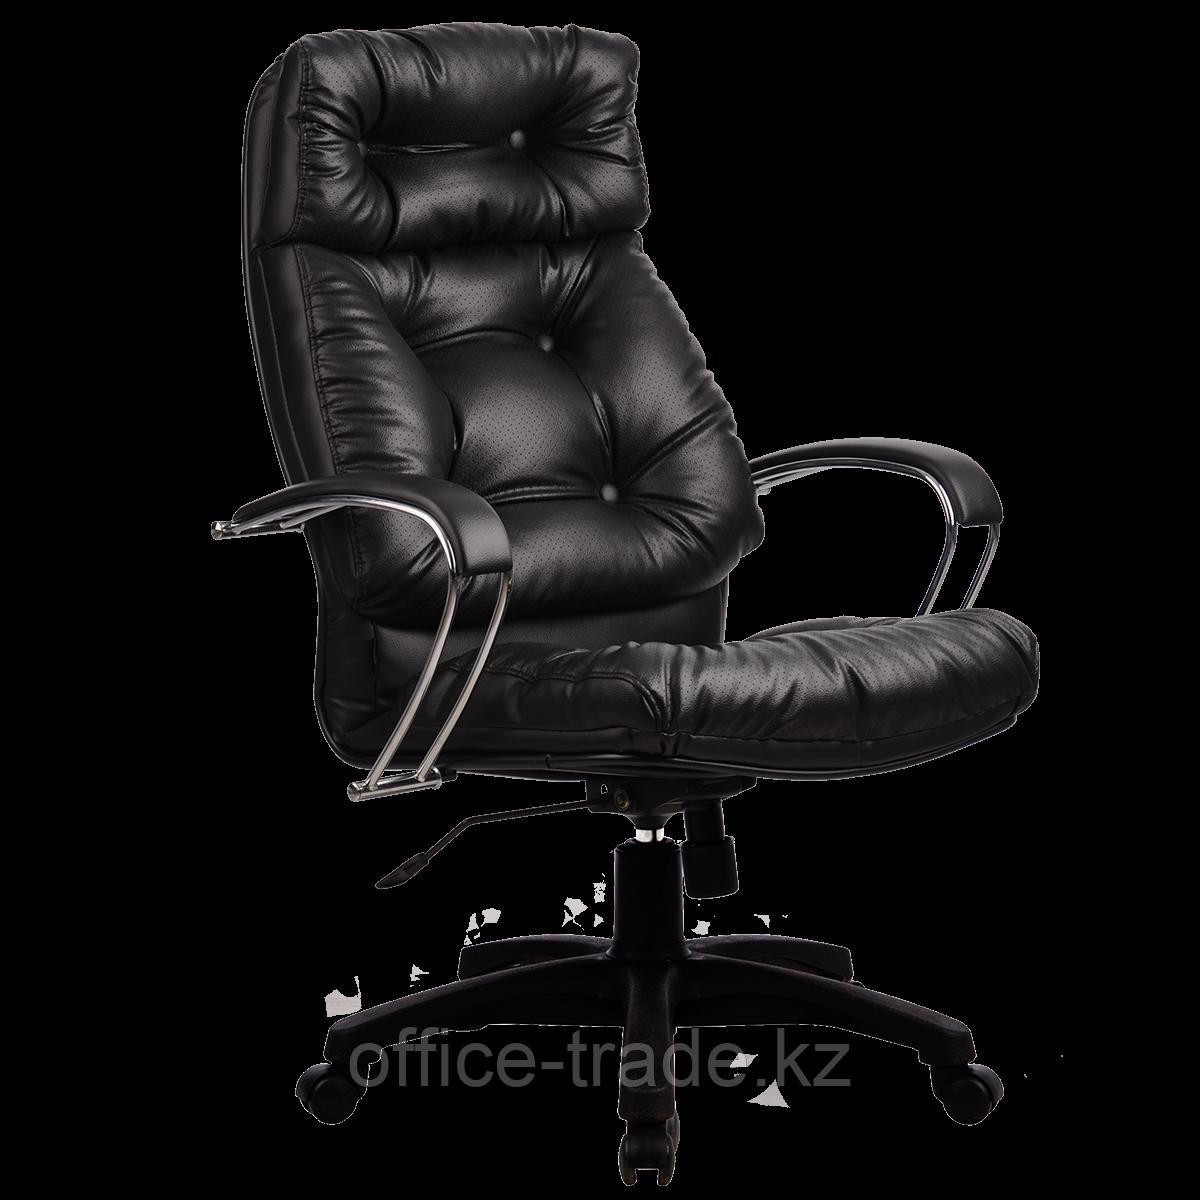 Кресло LK-14 Pl